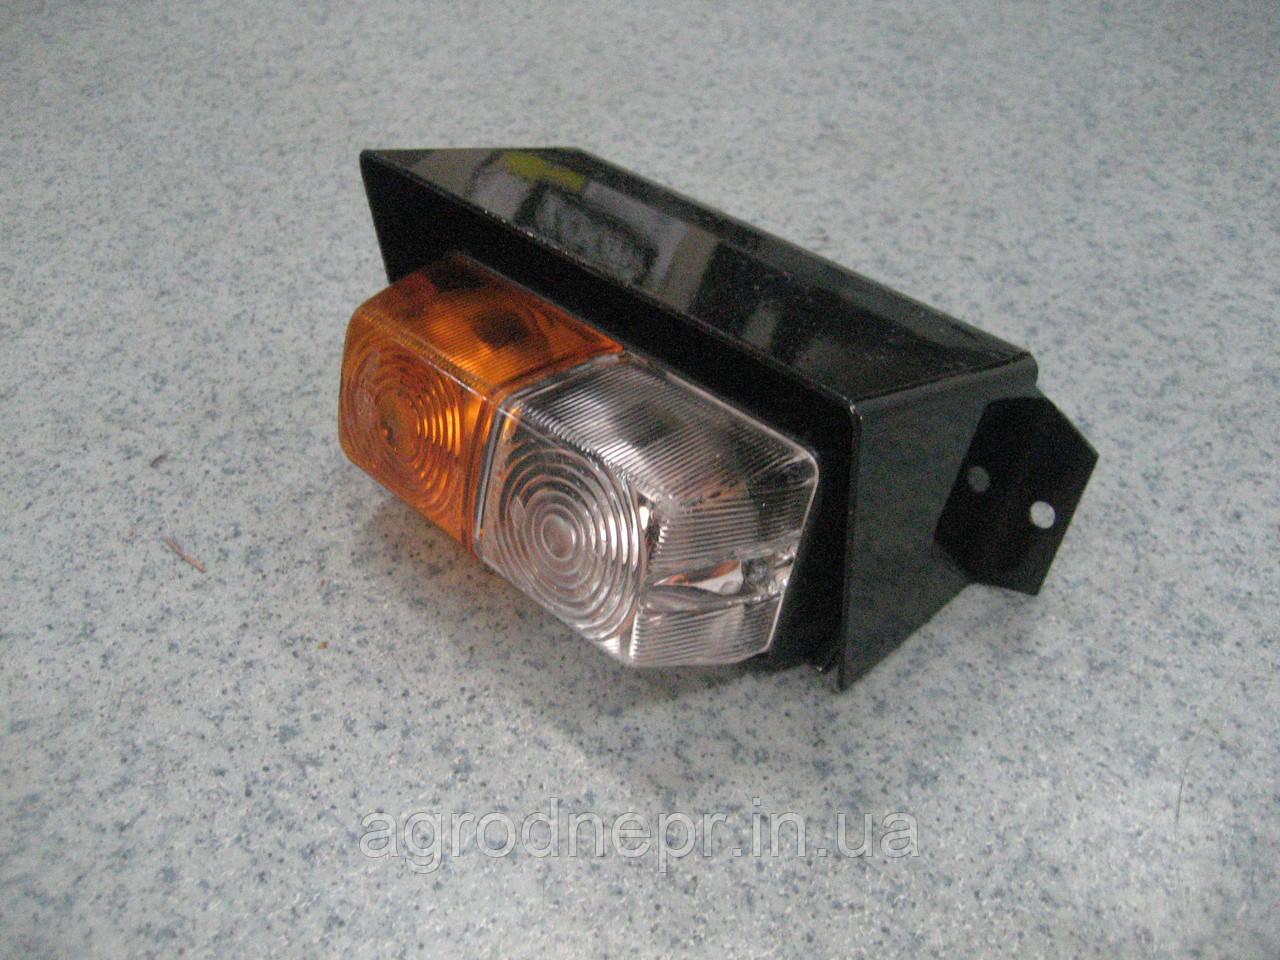 Кронштейн фонаря переднего на трактор ЮМЗ 45-3712020